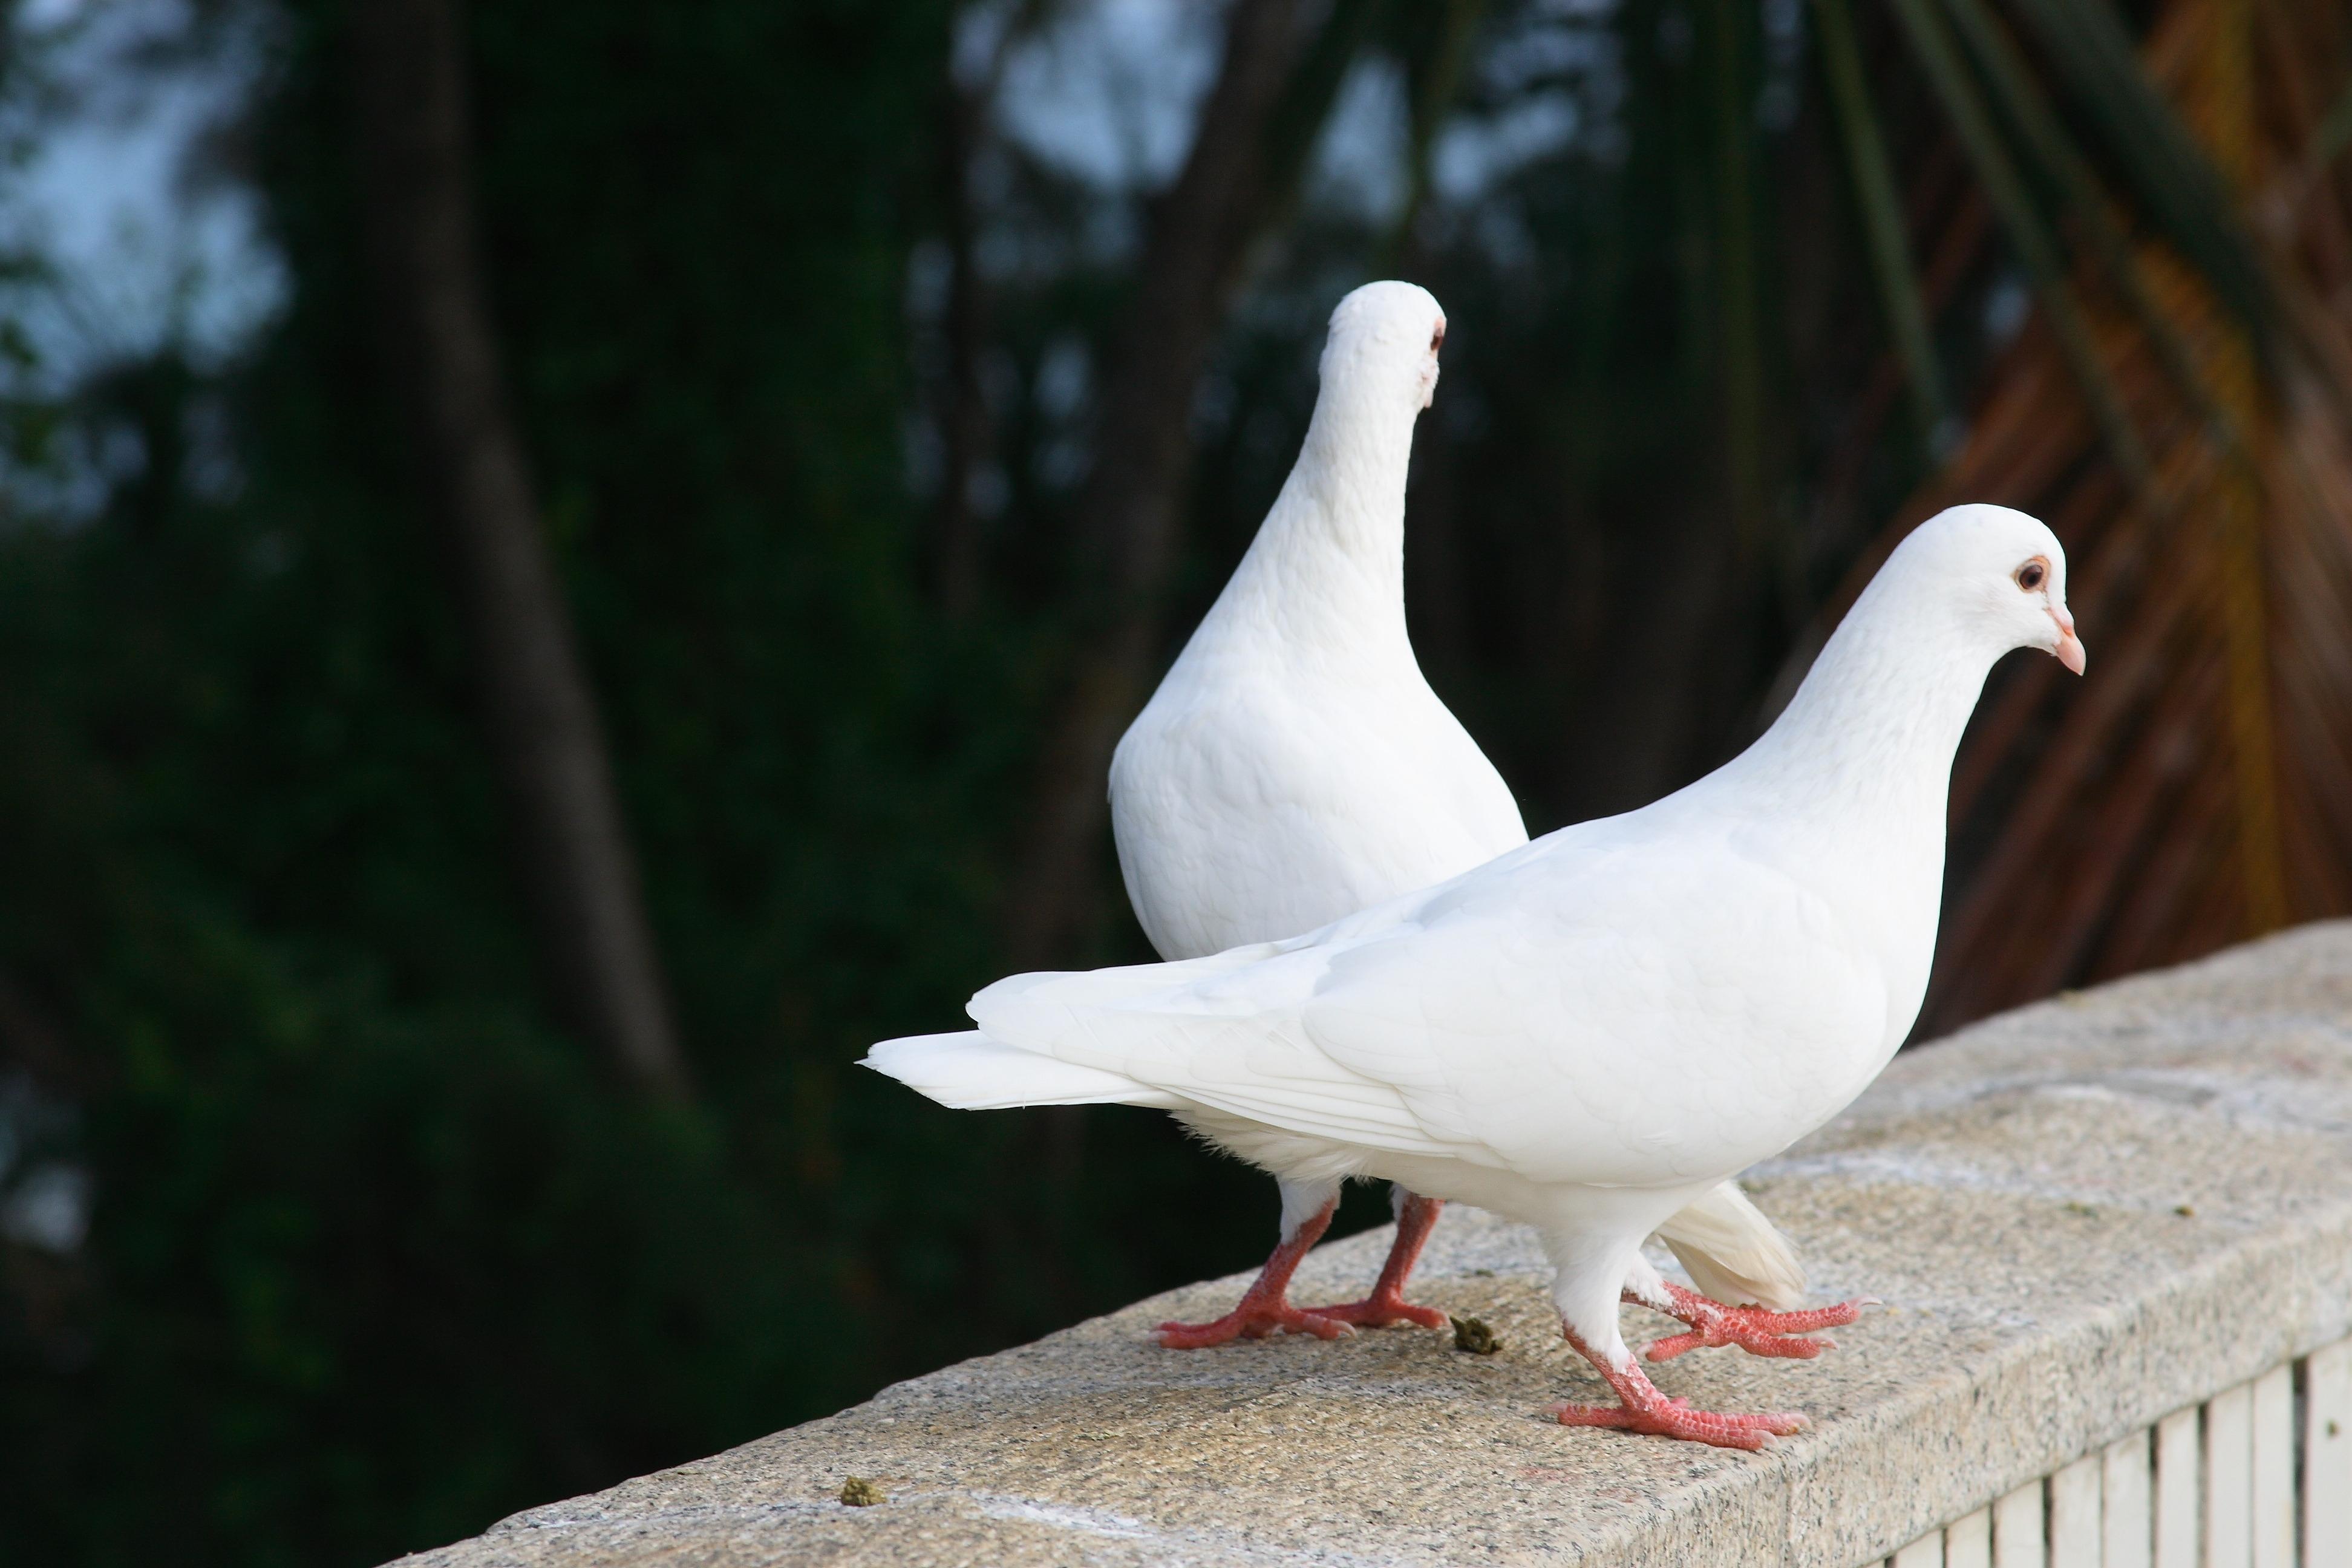 149739 Заставки и Обои Птицы на телефон. Скачать Птицы, Голуби, Животные, Пара, Белоснежные картинки бесплатно